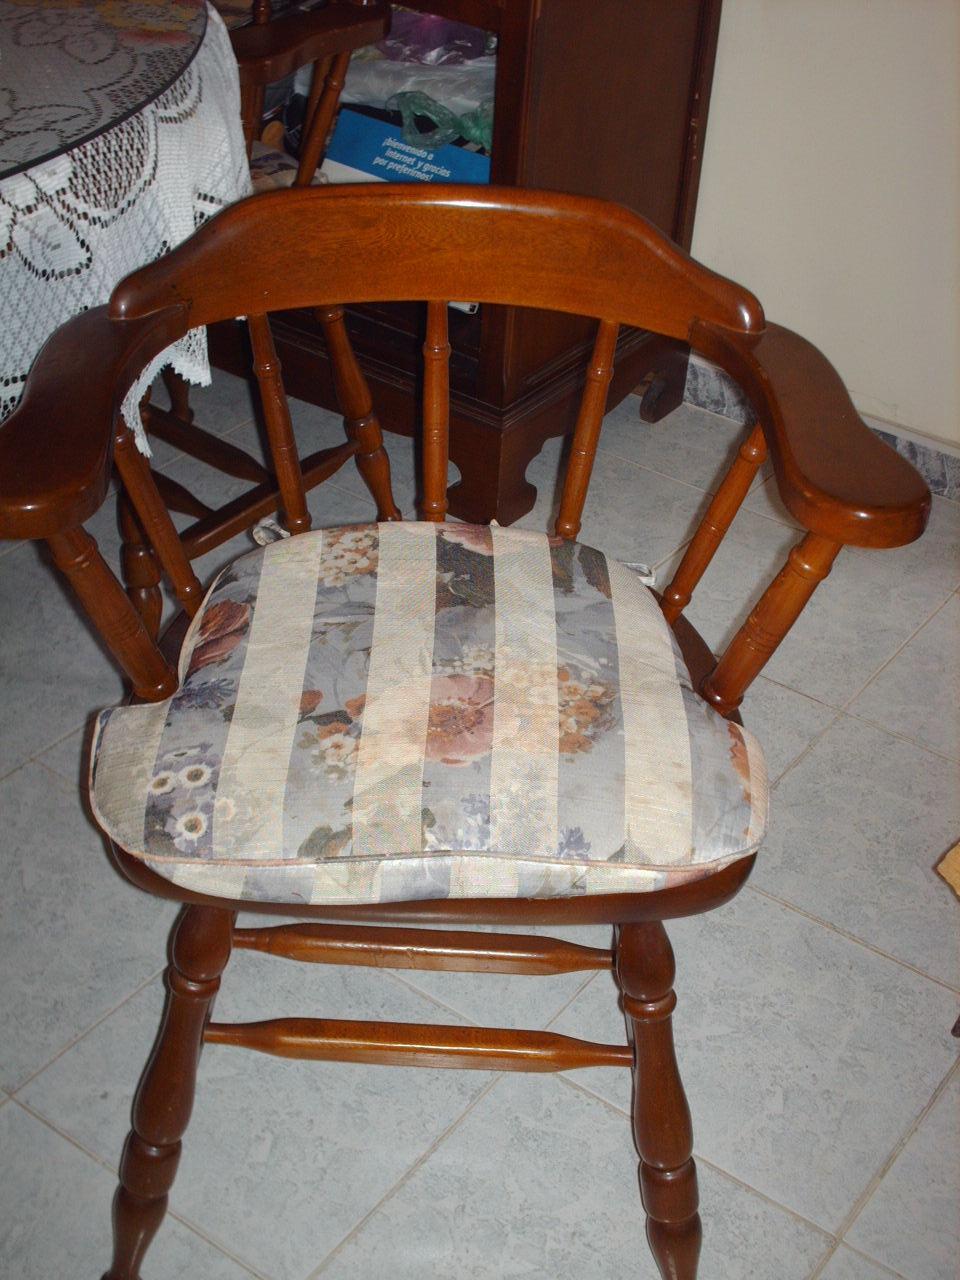 Novedades paola muestra de asientos o cojines para sillas - Cojines sillas cocina ...